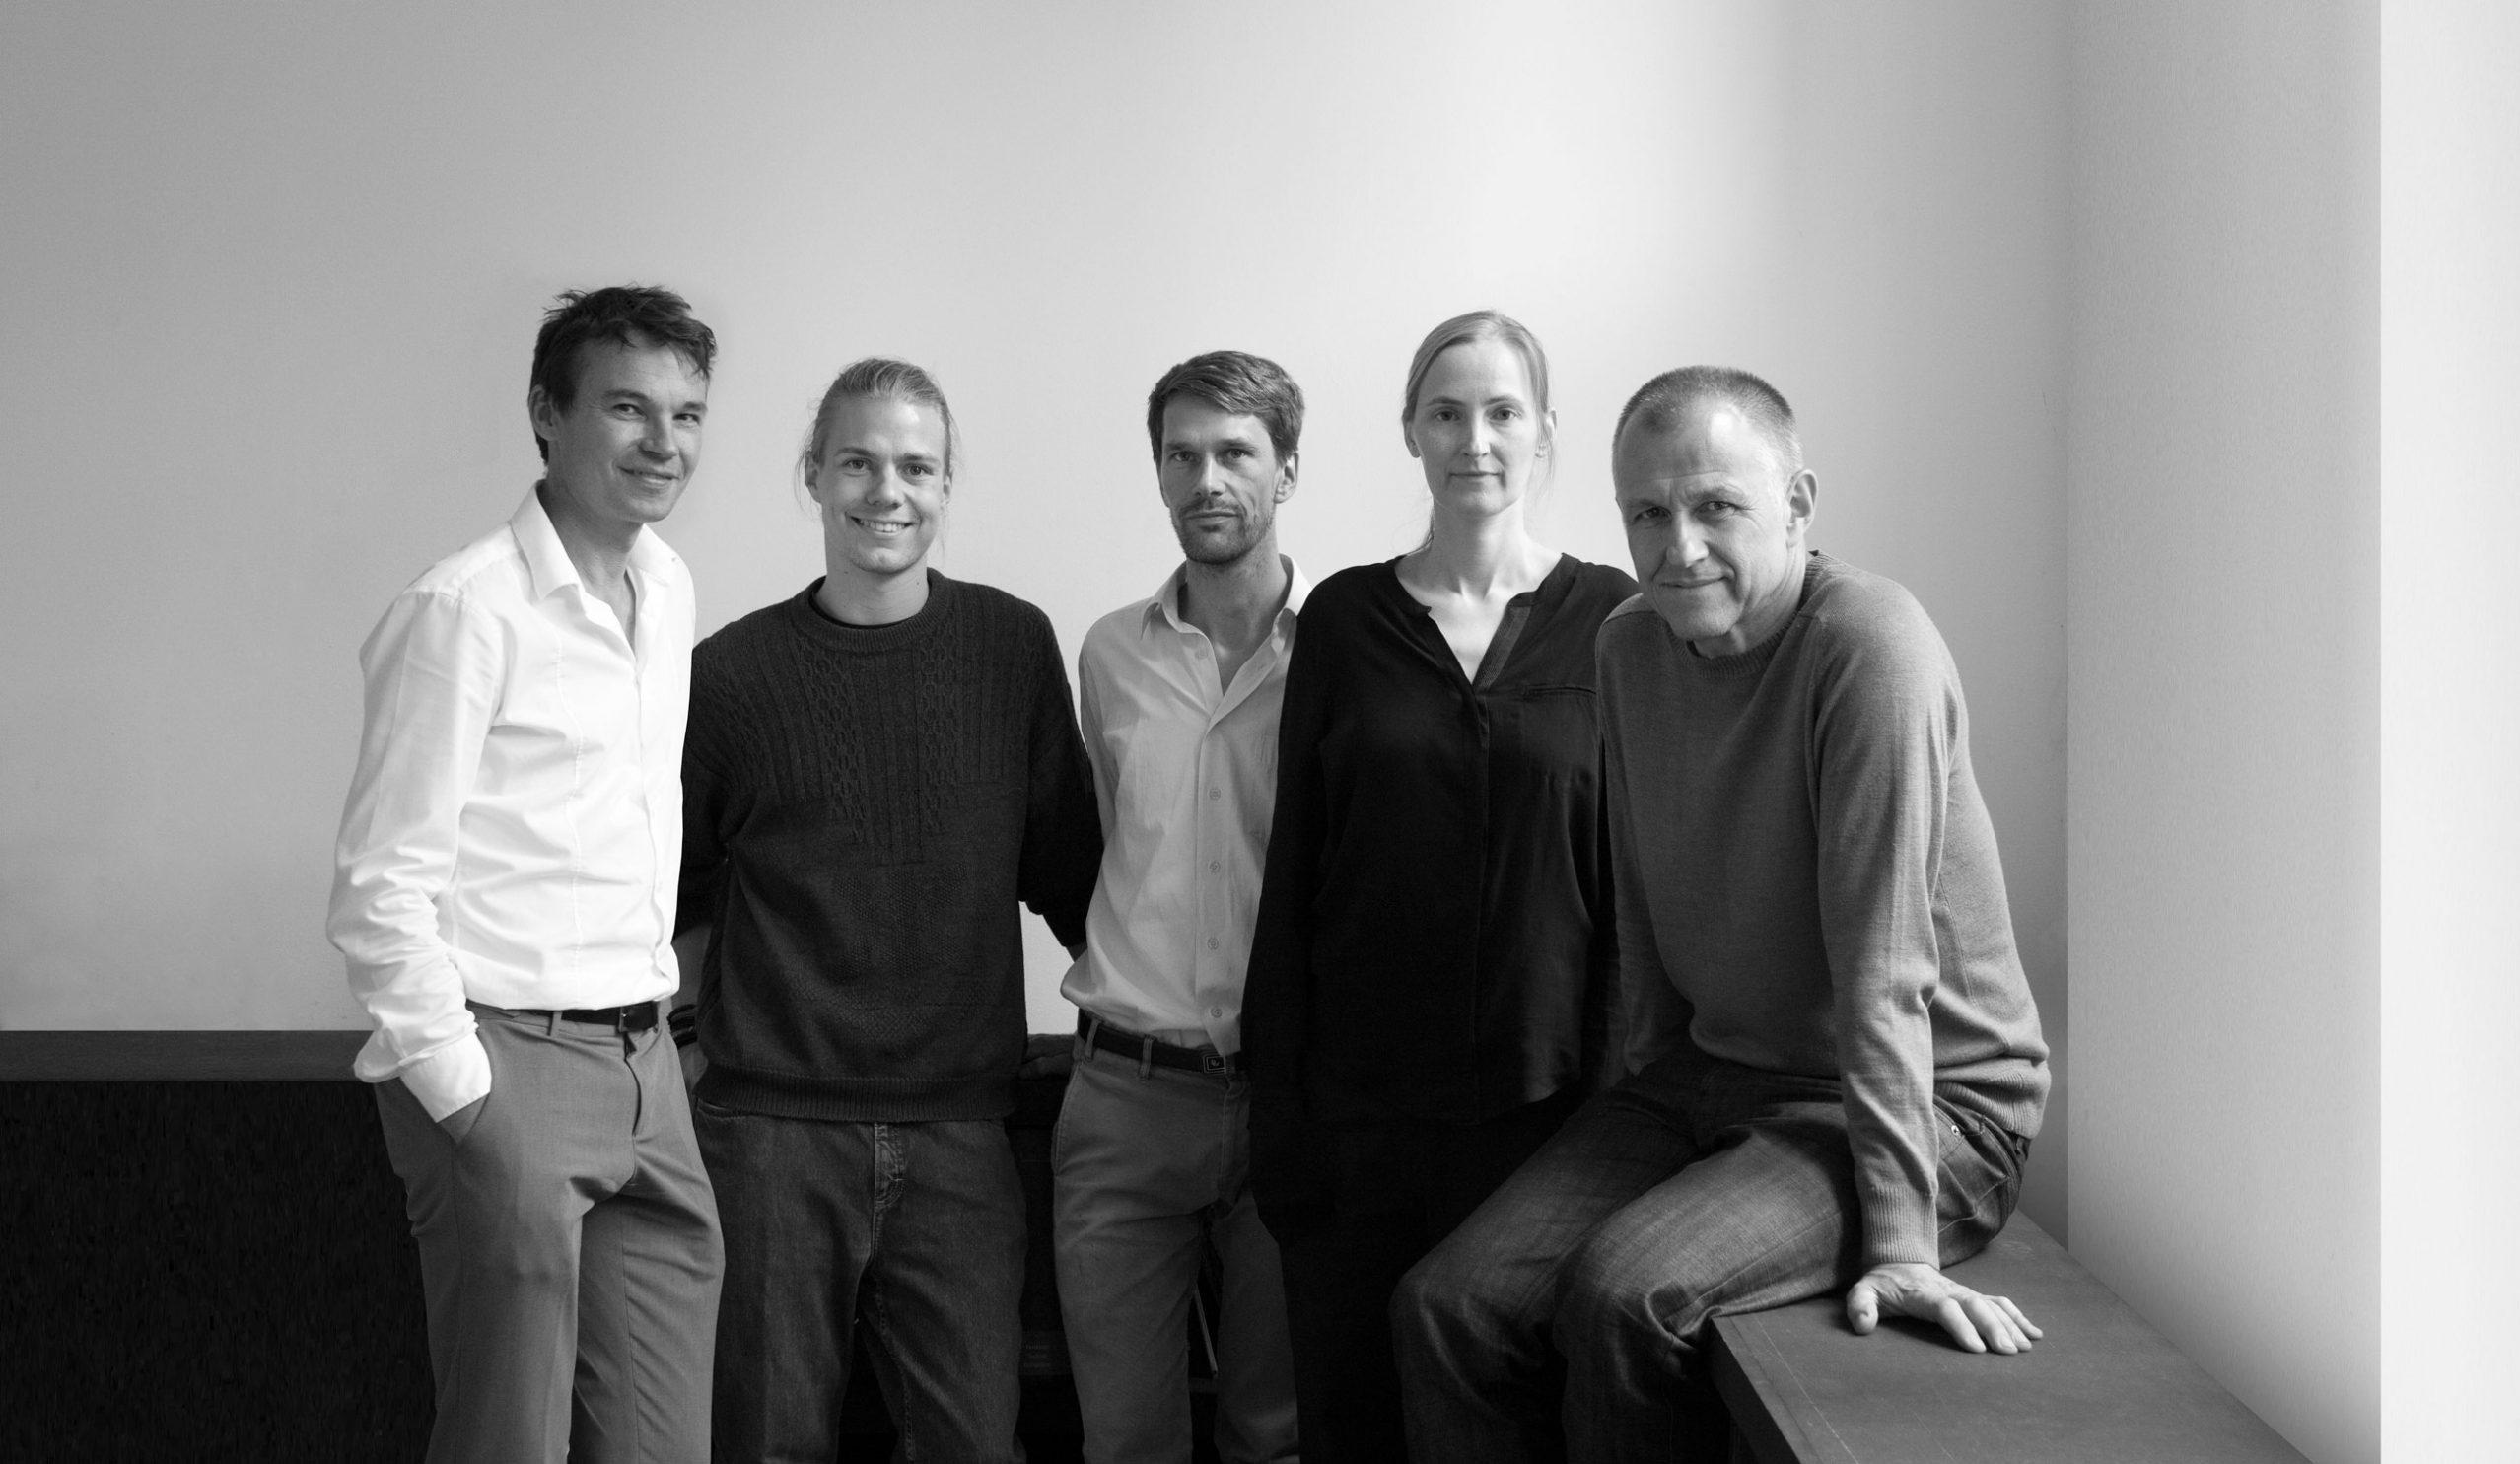 Architekturbüros In Berlin klaus schlosser architekten büro klaus schlosser architekten